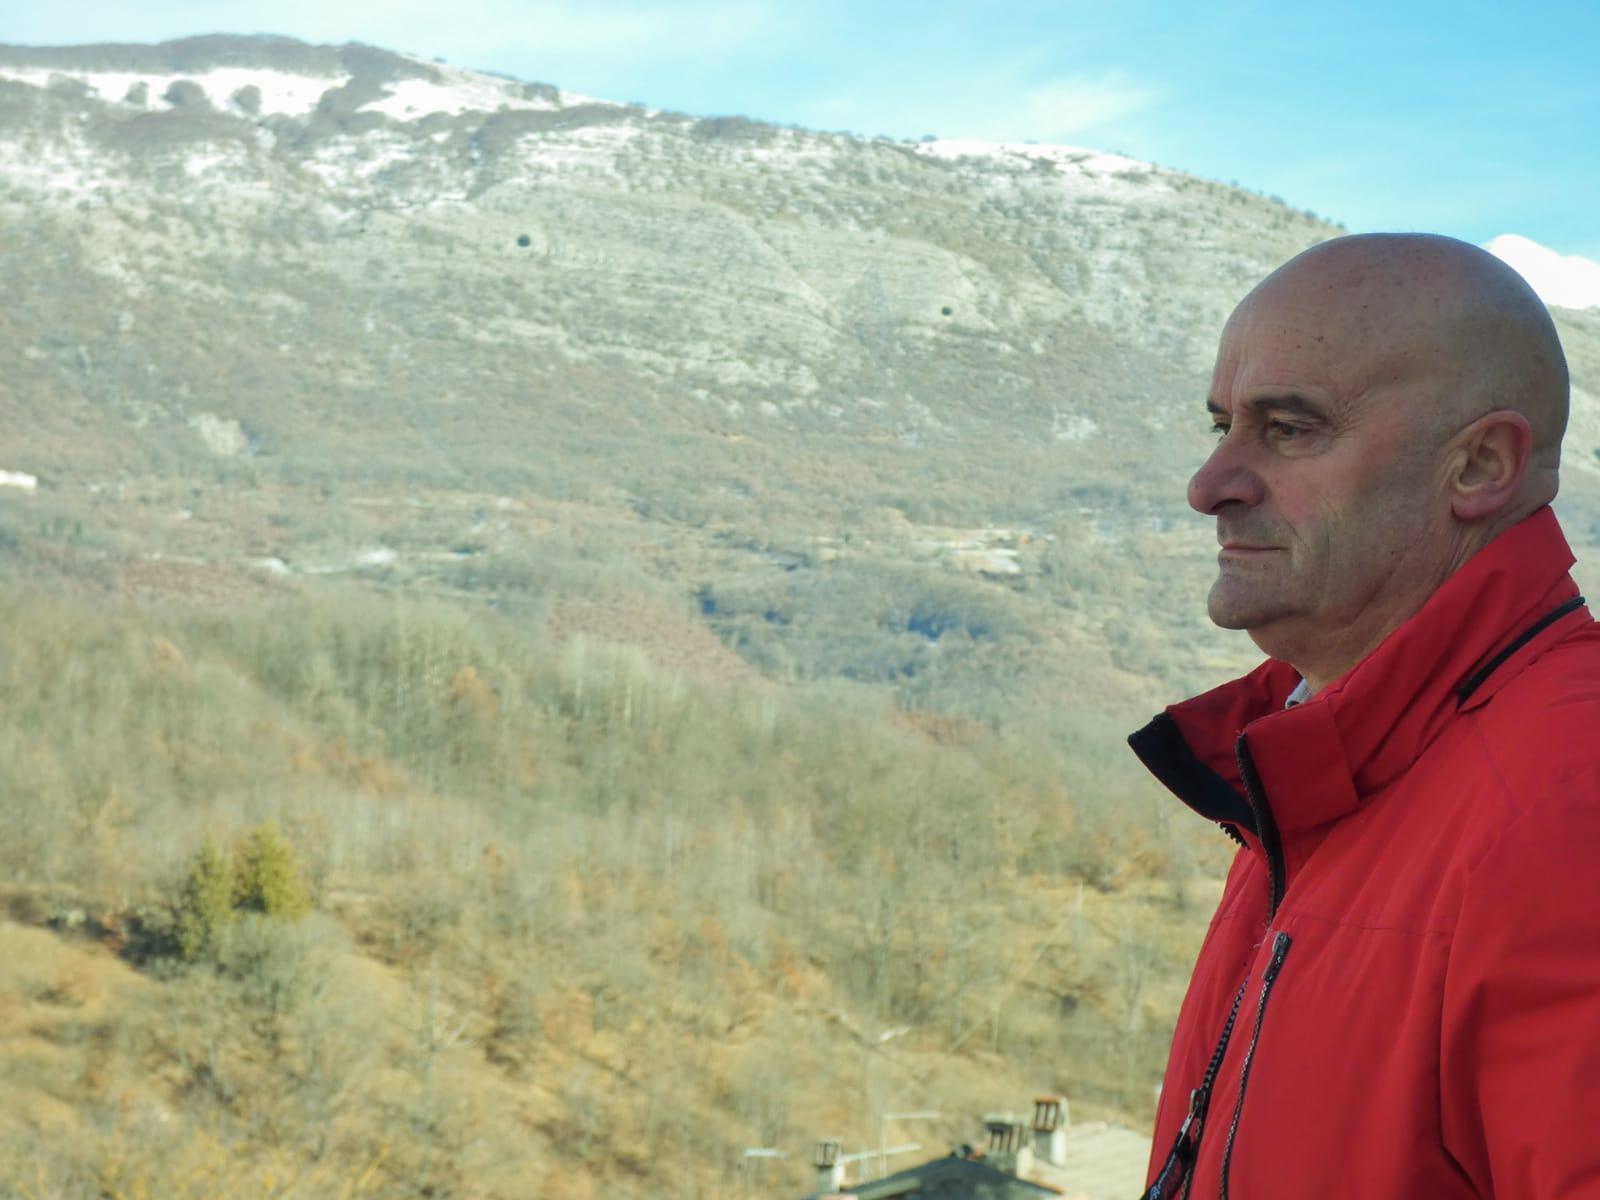 Passione ed esperienza, coraggio e voglia di credere in un Abruzzo migliore, Lorenzo Berardinetti ufficializza la sua candidatura